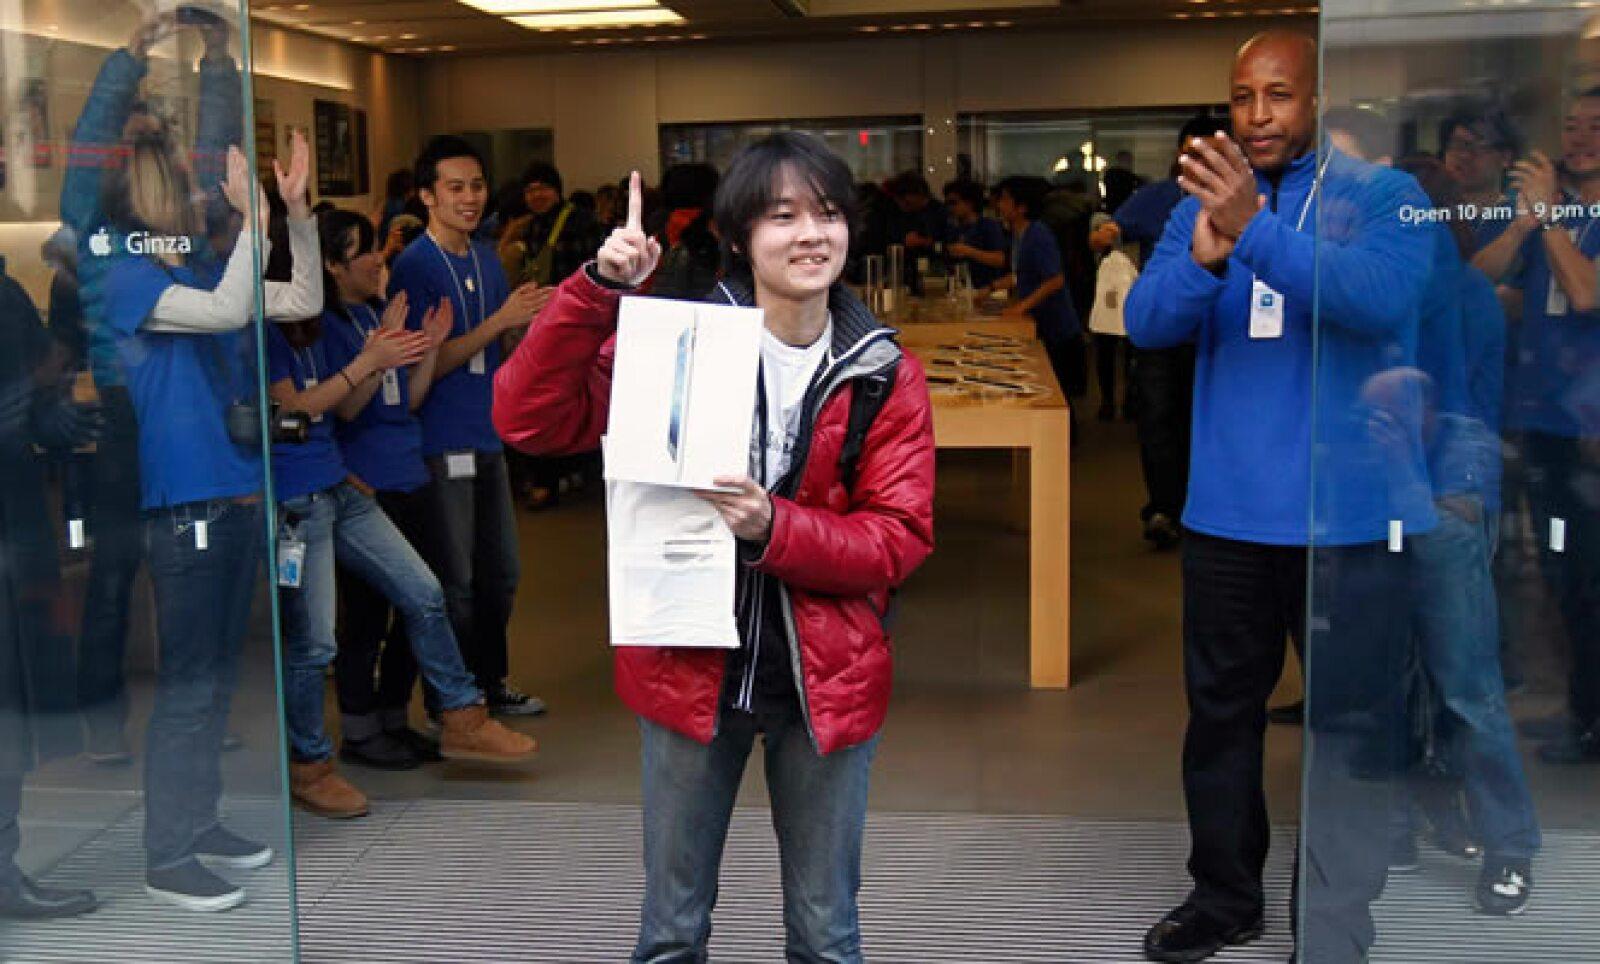 La popular 'tablet' de Apple sale a la venta este viernes y usuarios de varias partes del mundo hicieron fila en distintas tiendas para ser de los primeros en poseer el nuevo equipo. En la imagen, Ryu Watanabe, el primer comprador en la tienda de Ginza, e